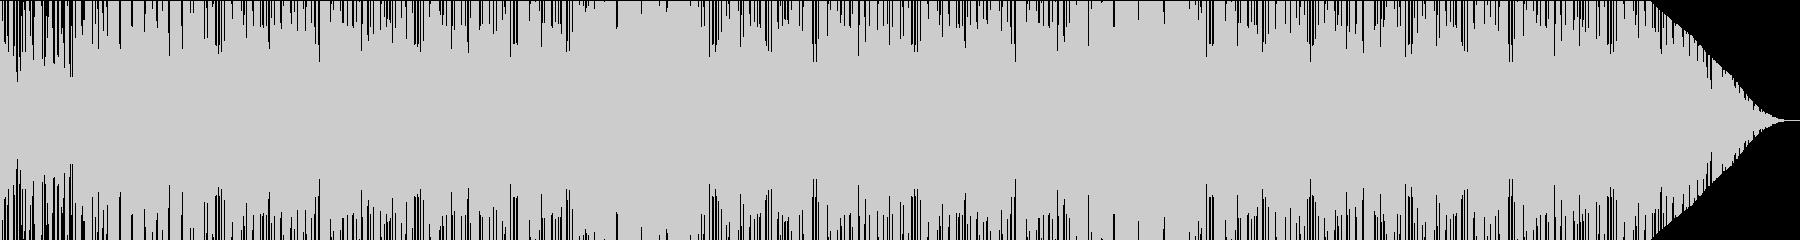 ダークな雰囲気のシューティング的EDMの未再生の波形